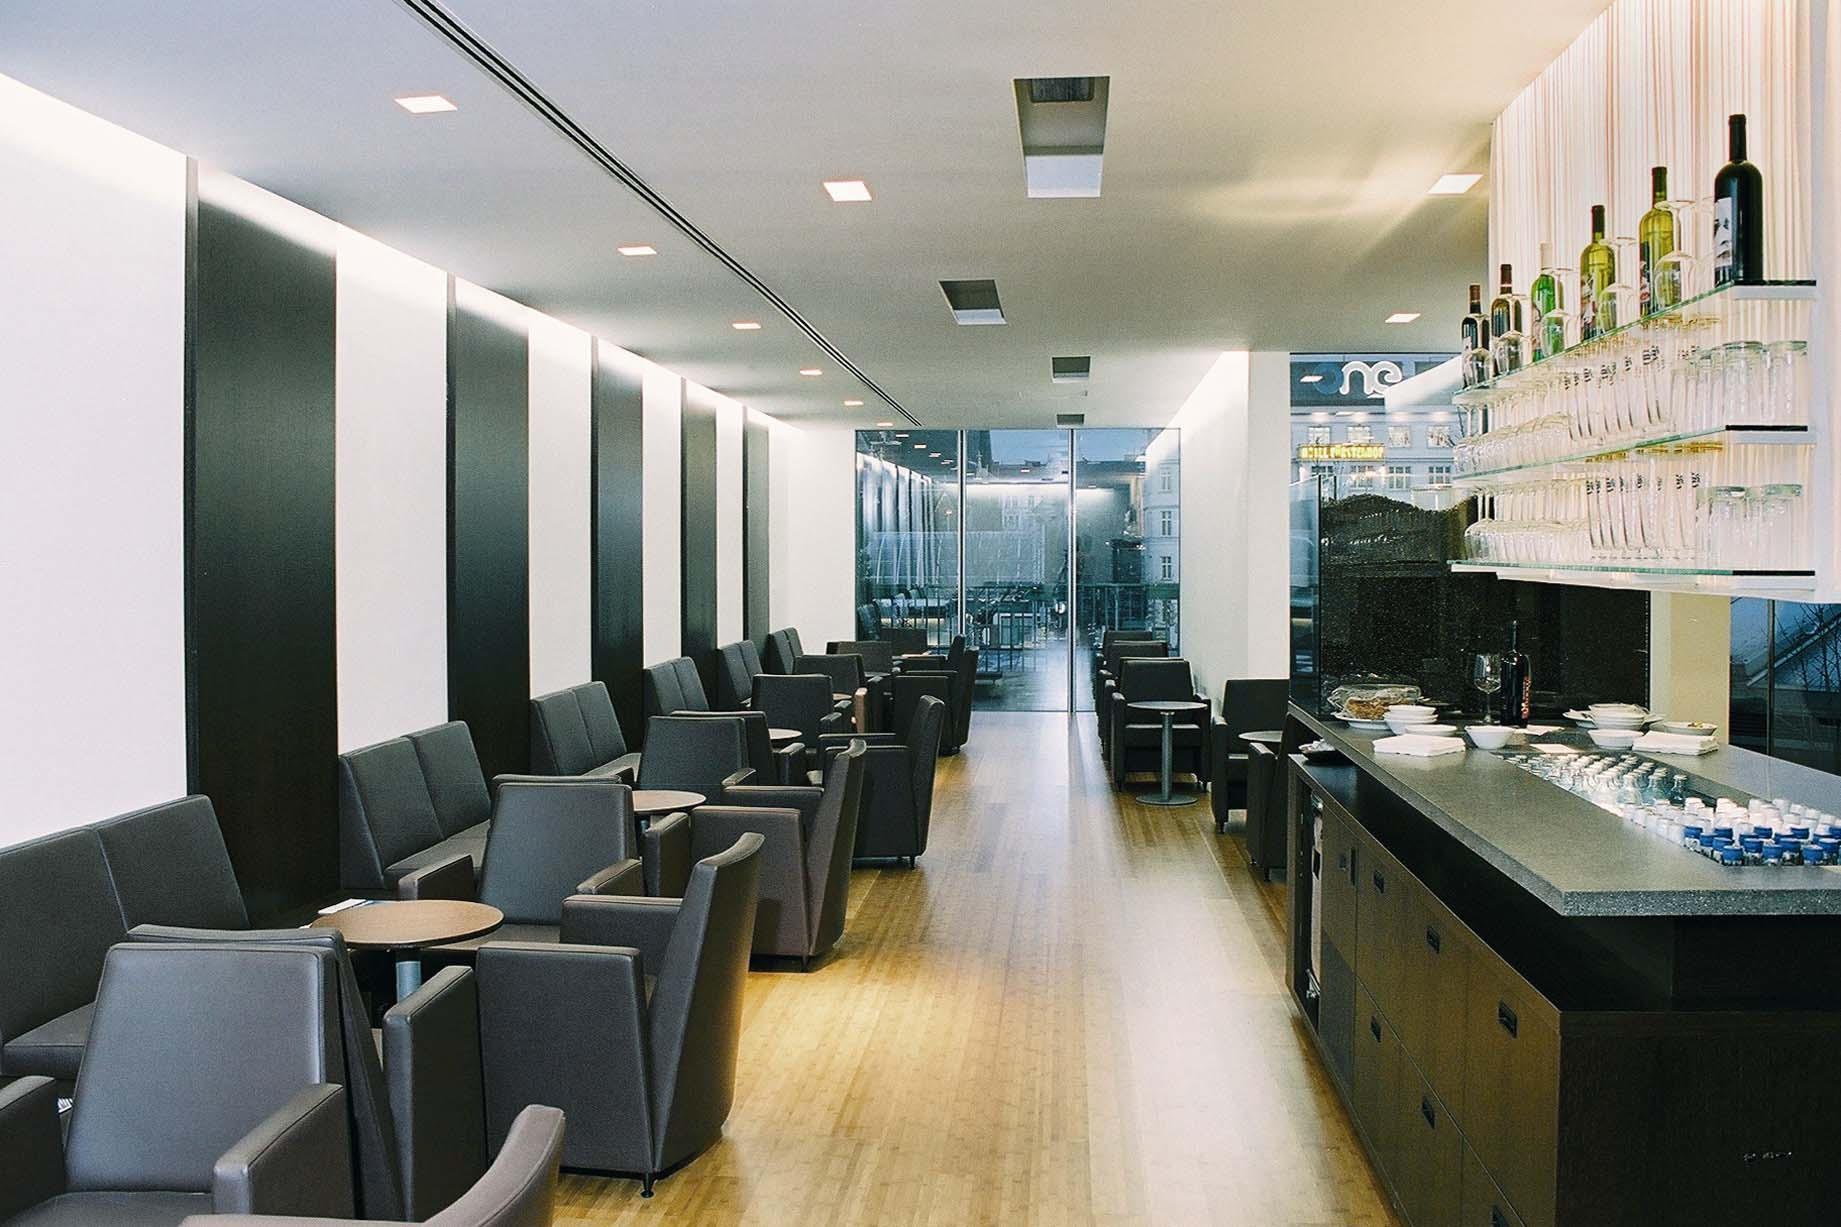 bar wohnzimmer wien:ÖBB eröffnen die ersten Club Lounges in Wien